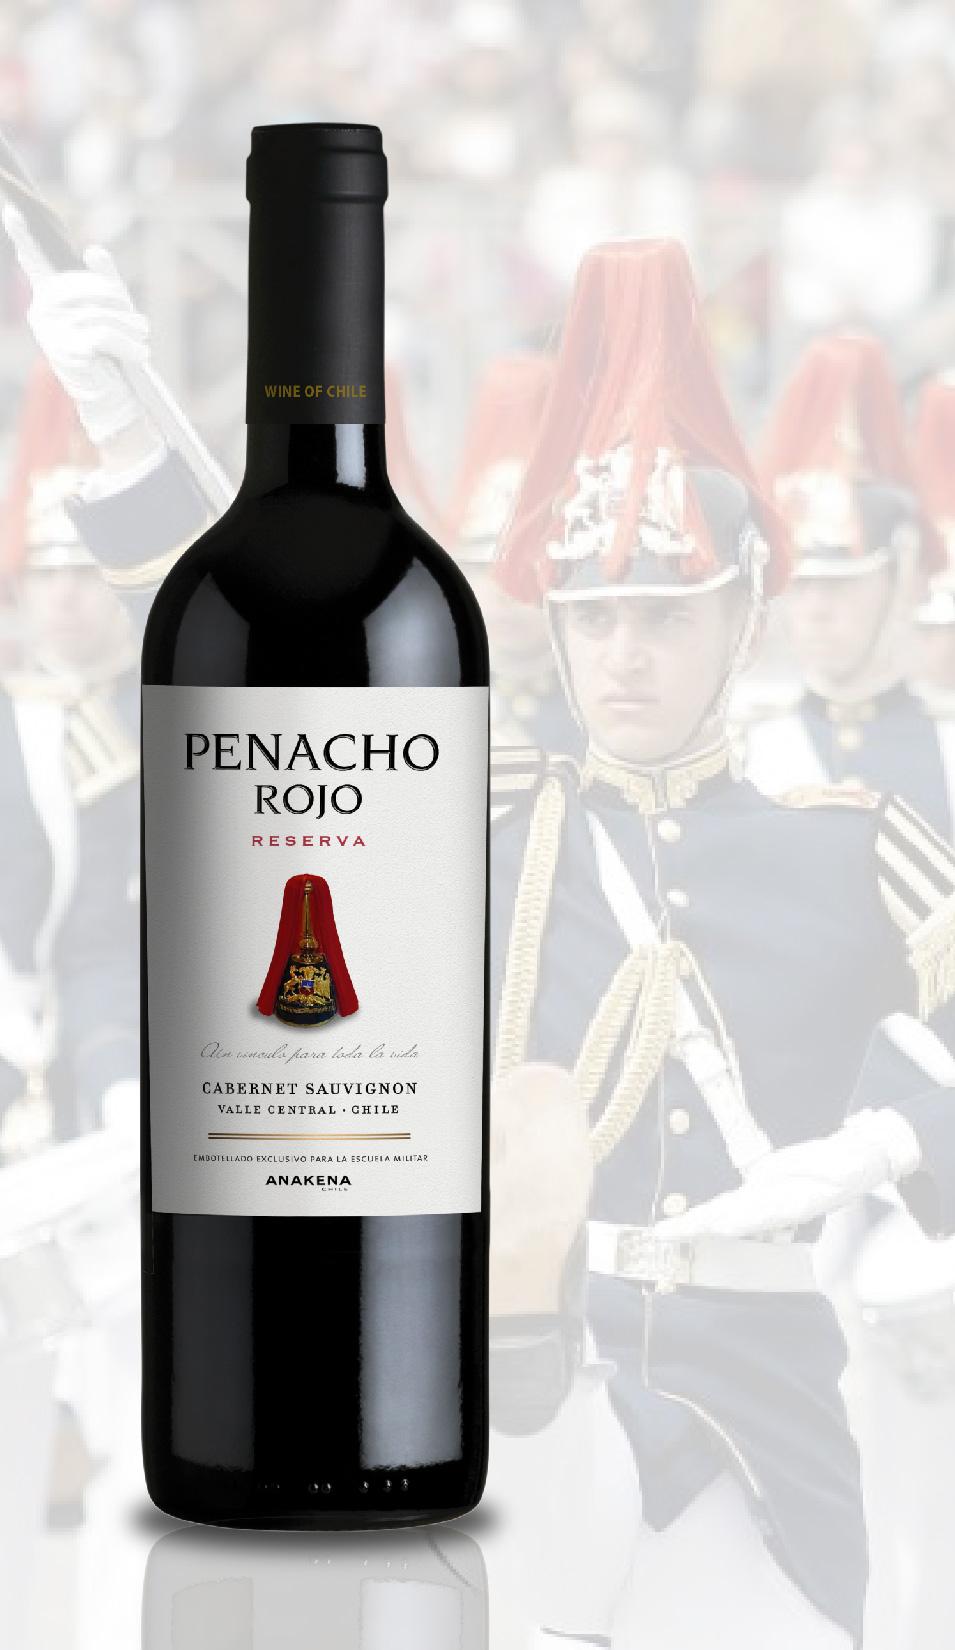 Penacho Rojo